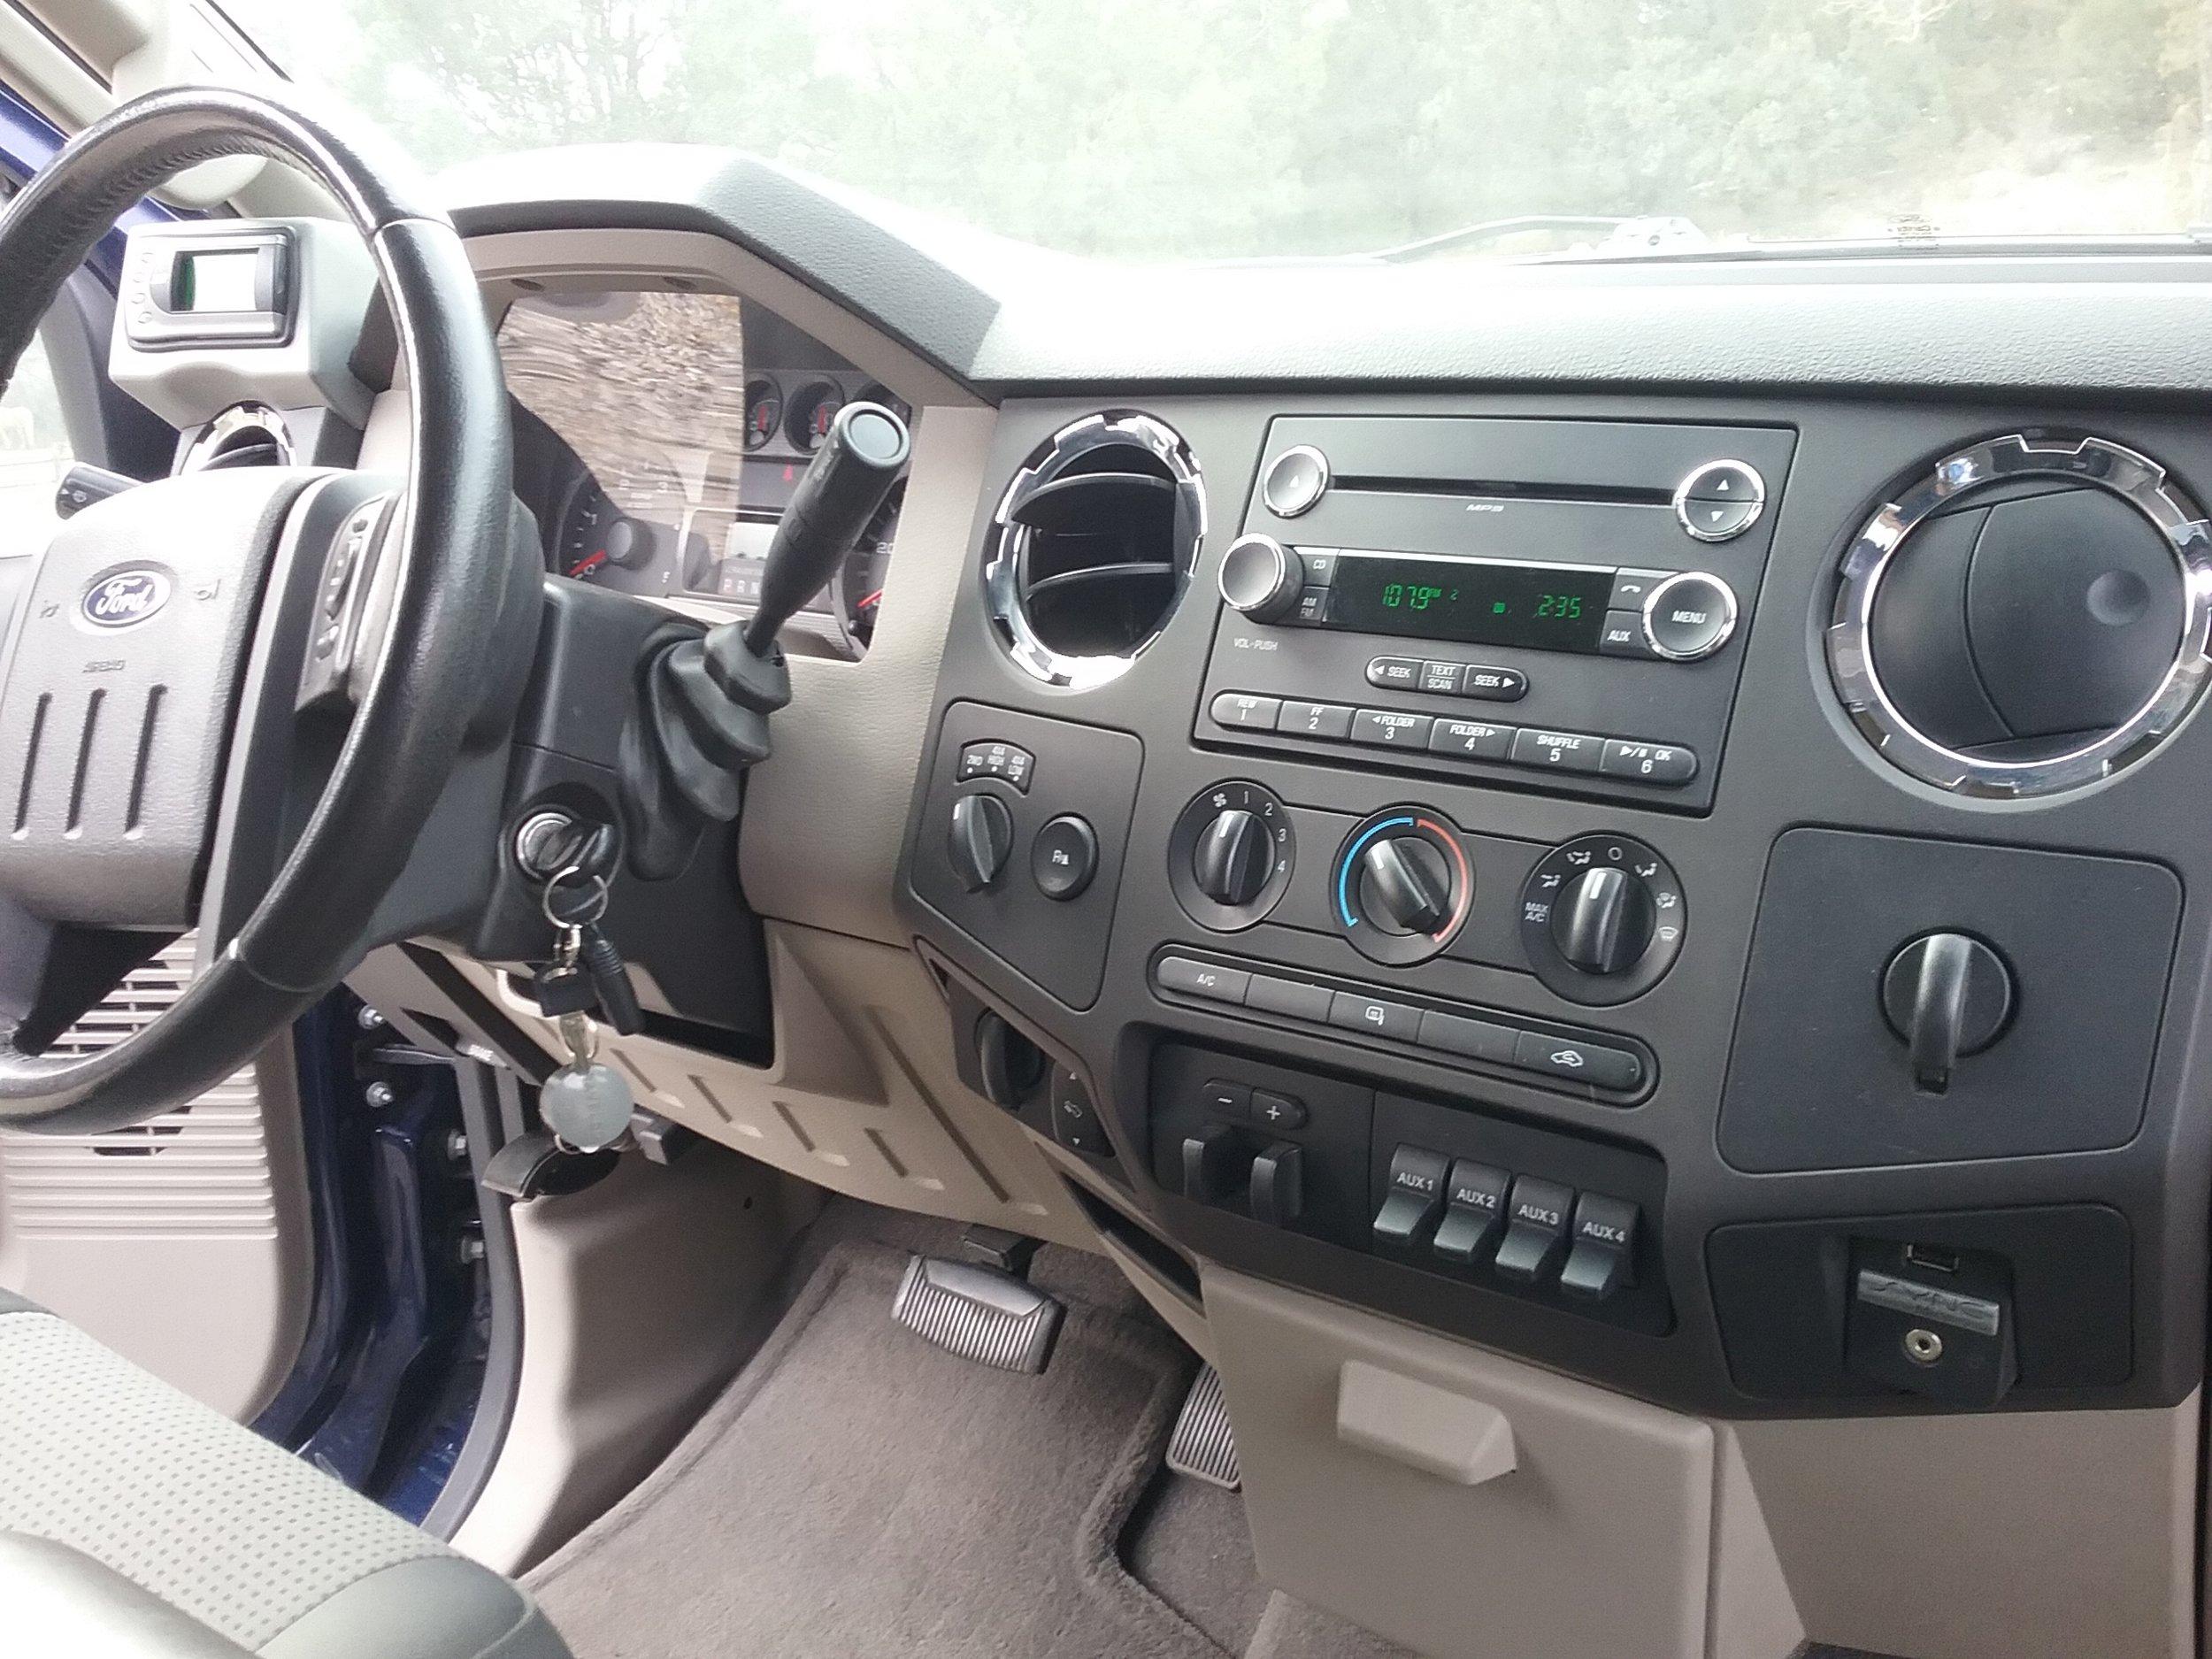 2009 F-250 interior.jpg